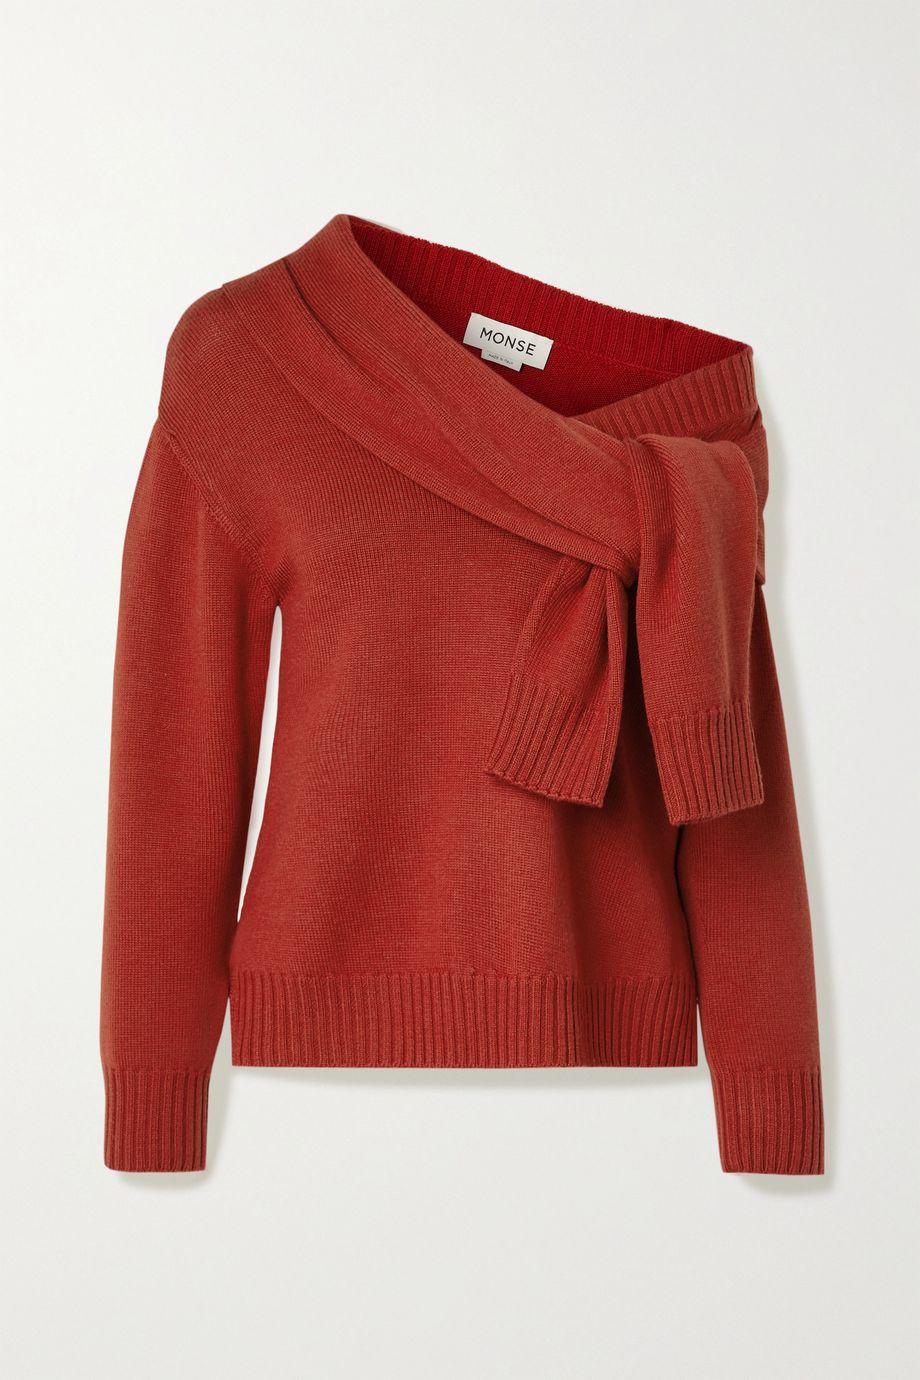 Monse Asymmetric tie-front merino wool sweater